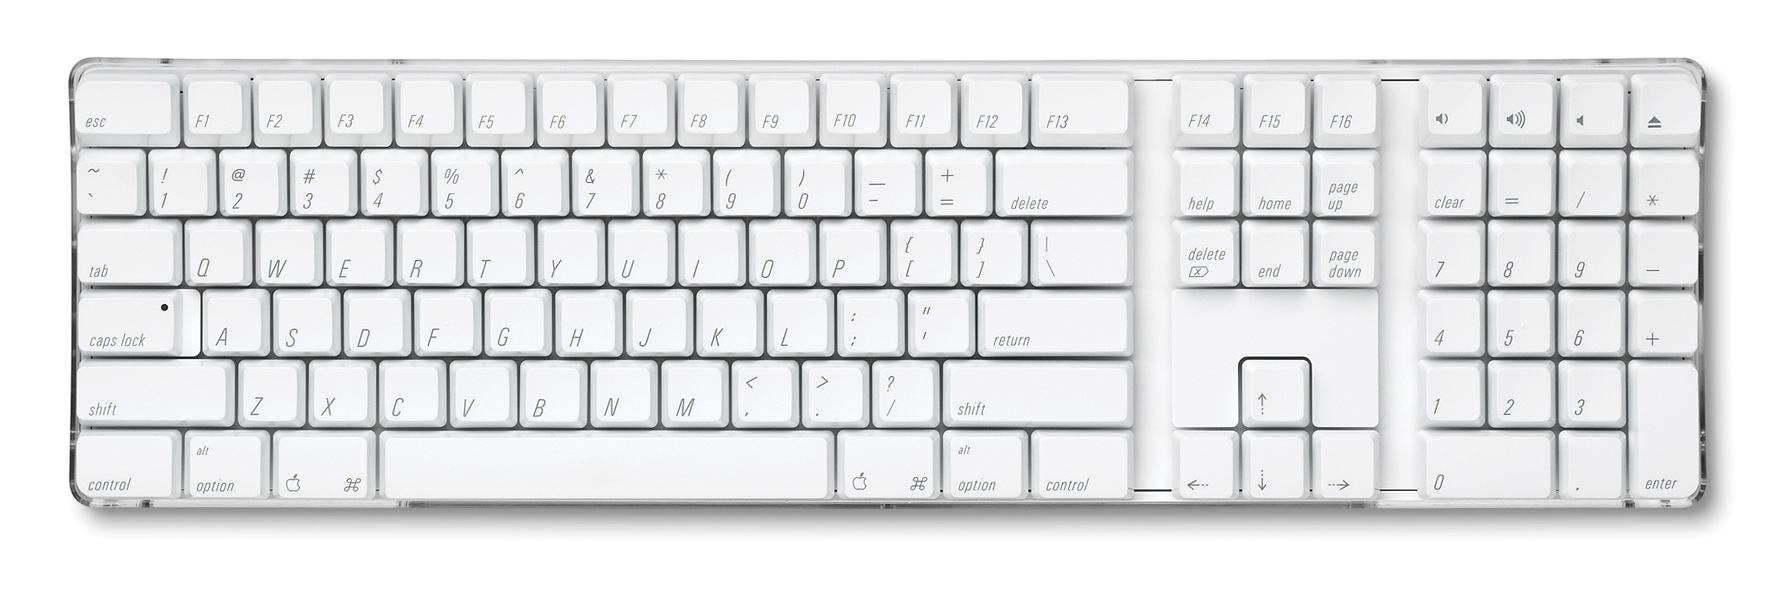 Apple Keyboard (2003)